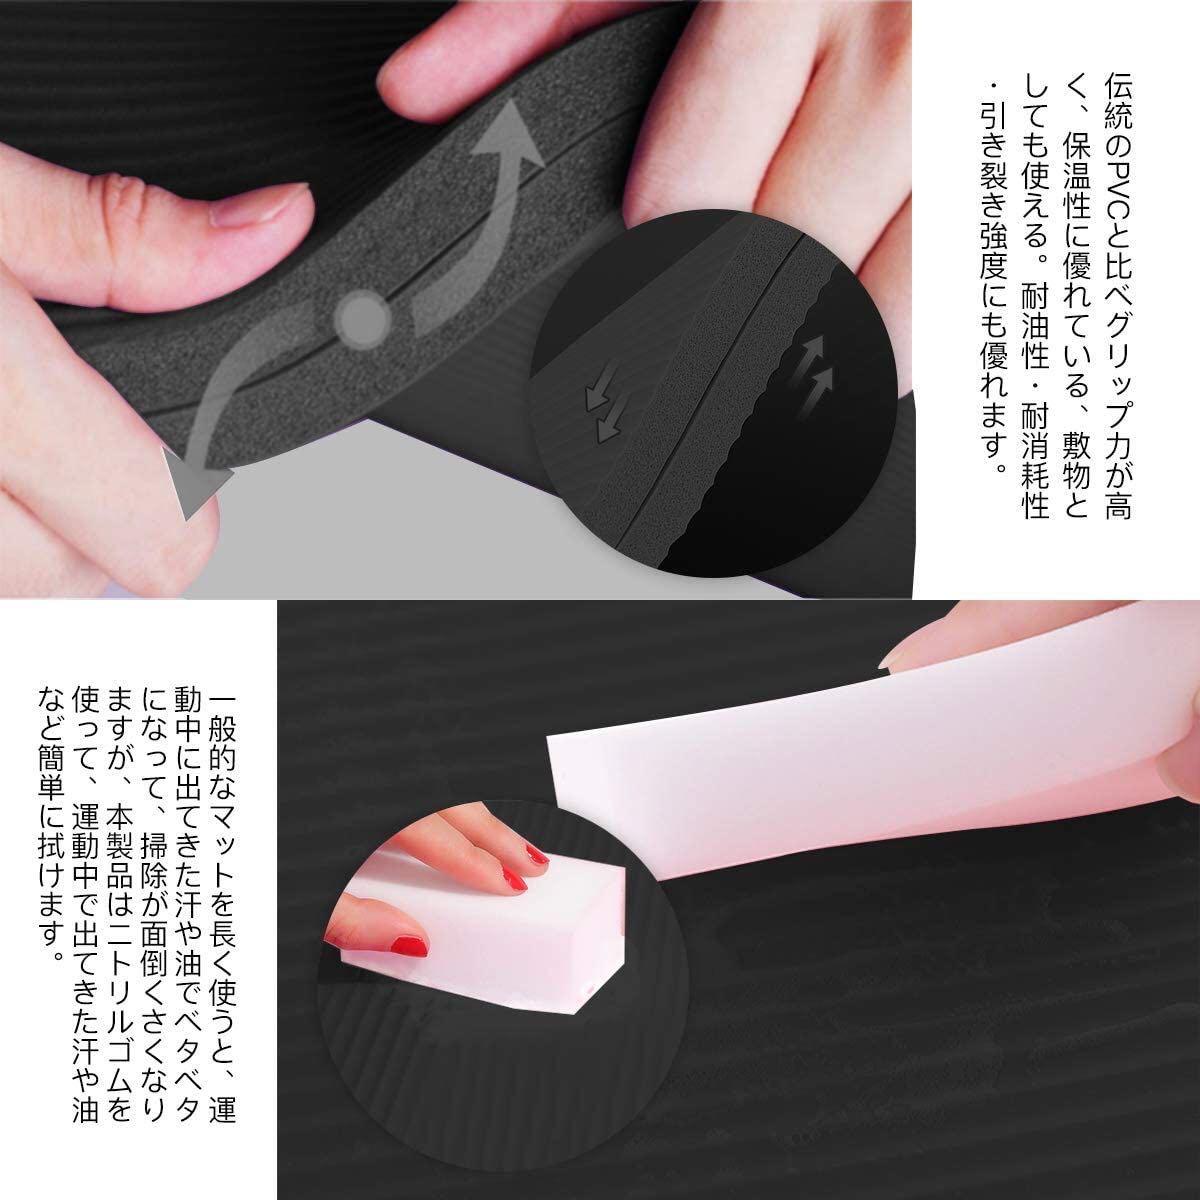 ヨガマット トレーニングマット 厚さ 10mm 高密度 エクササイズマット 肌に優しい おりたたみ 滑り止め ストラップ